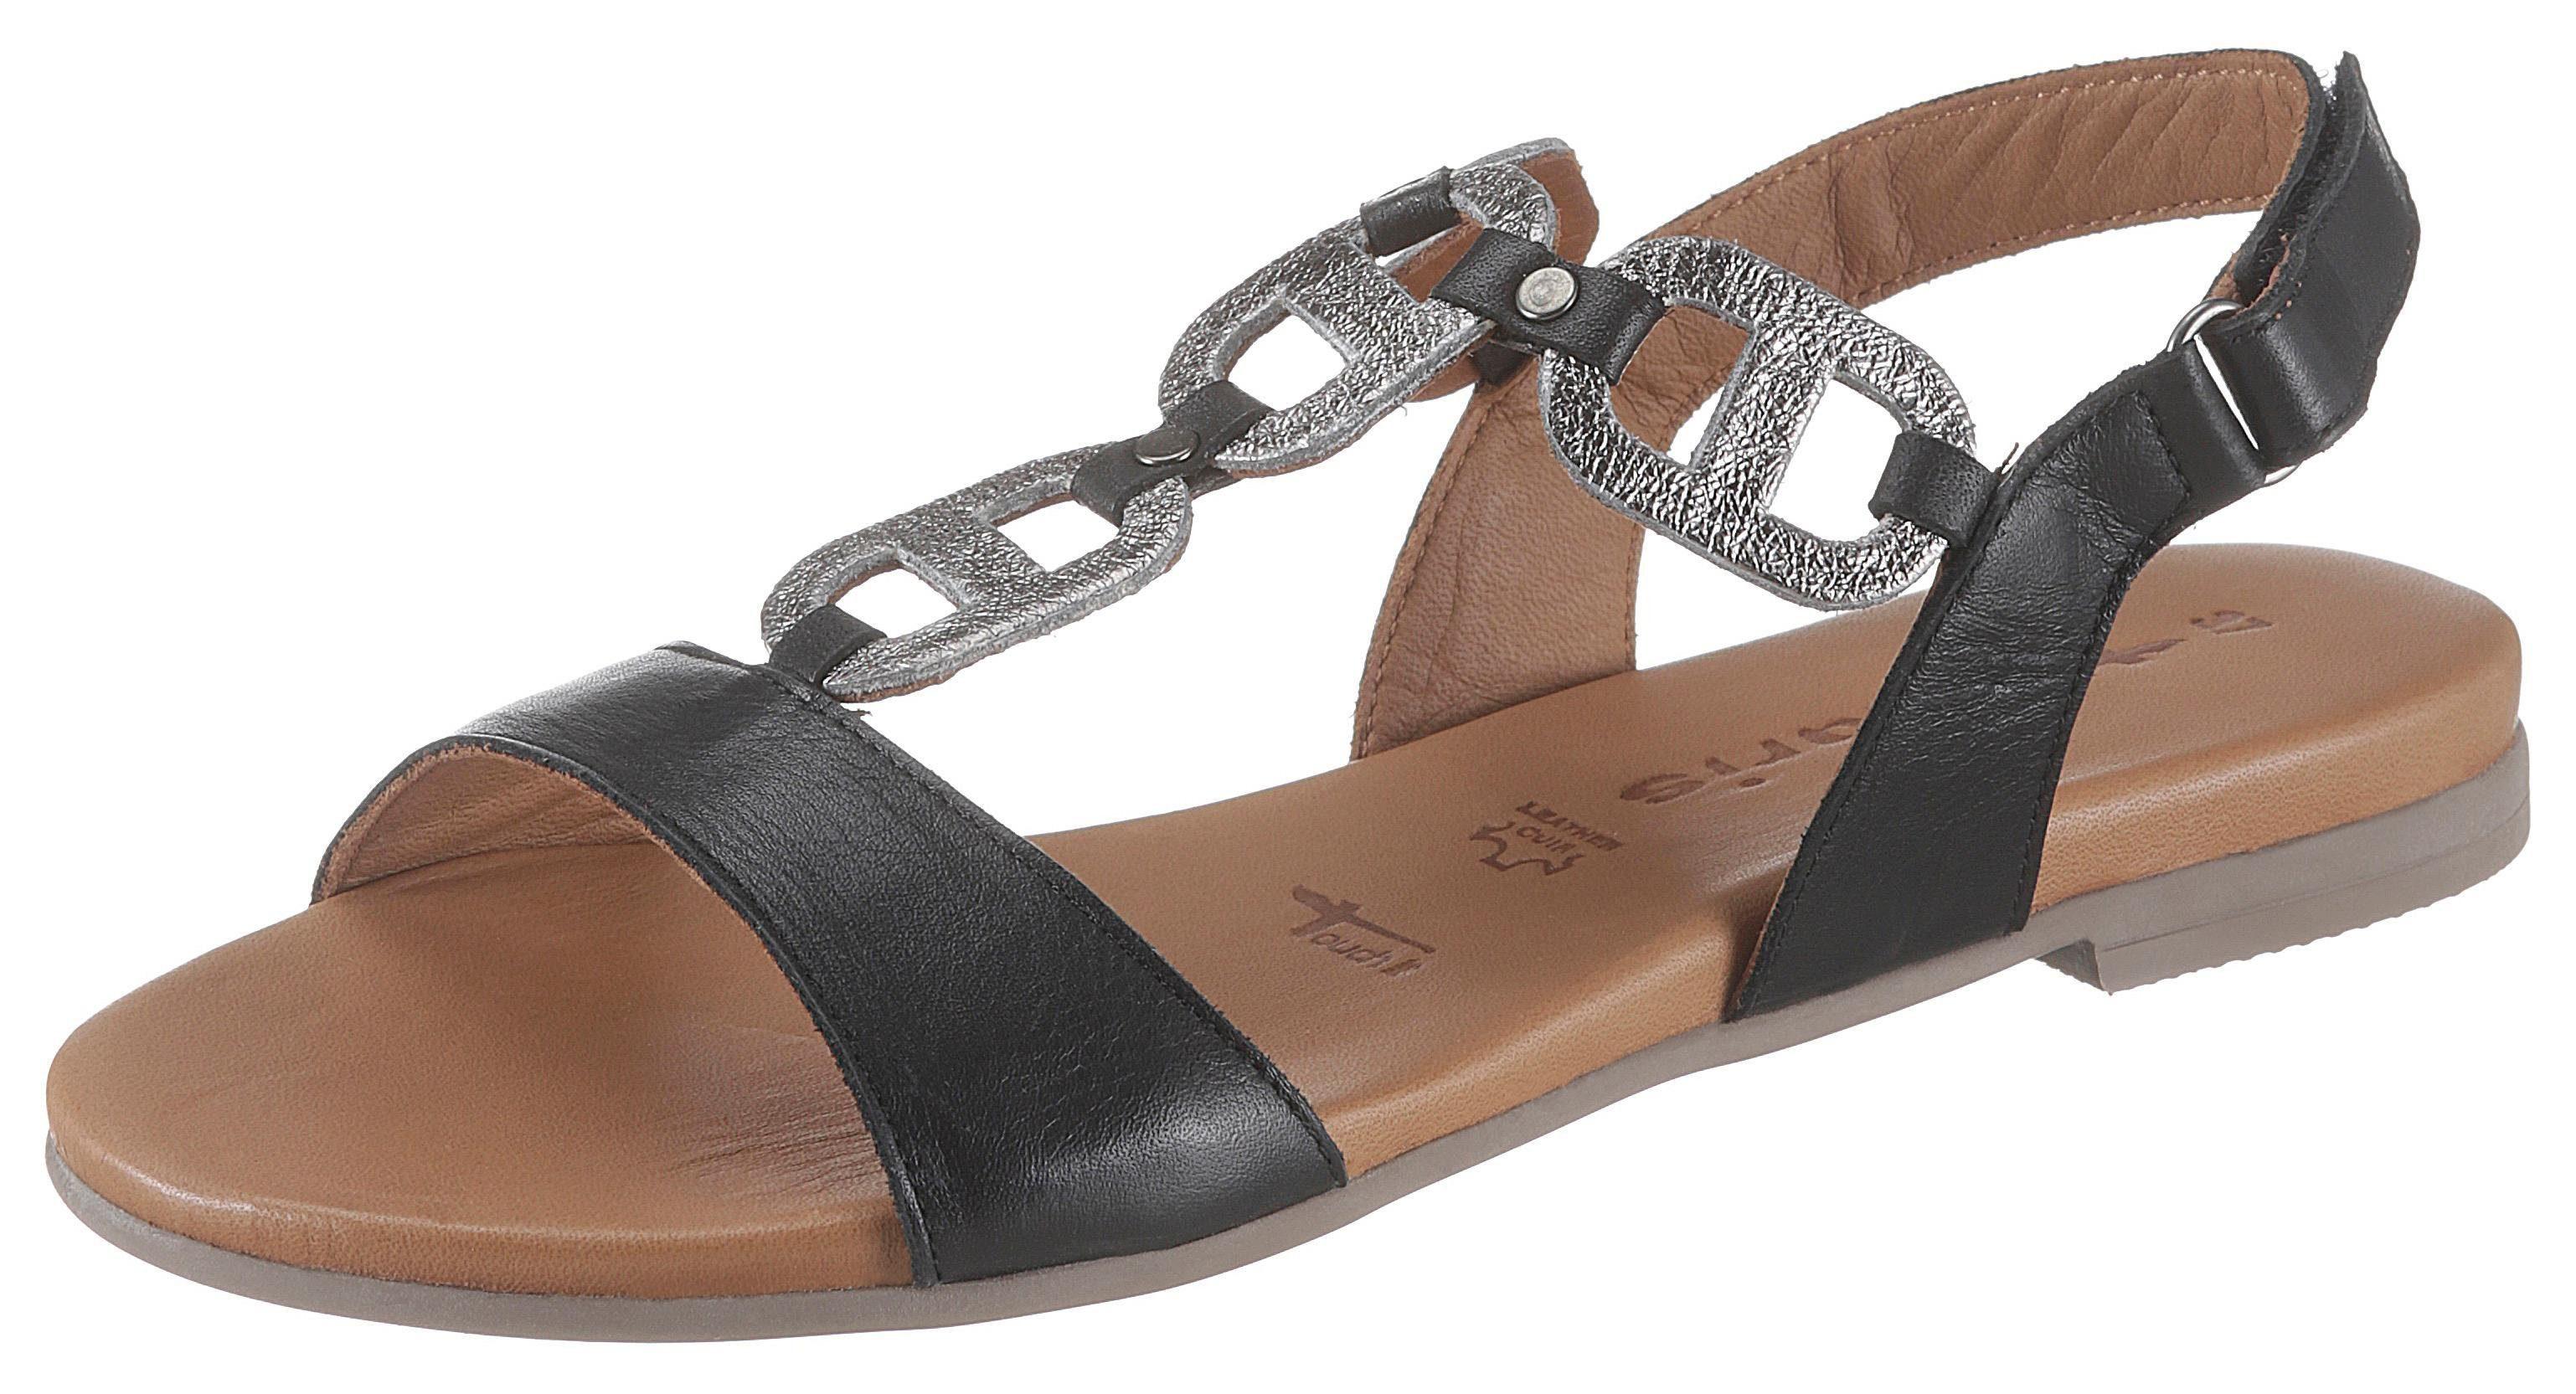 Tamaris »Kim« Sandale mit metallicfarbenen Einsätzen online